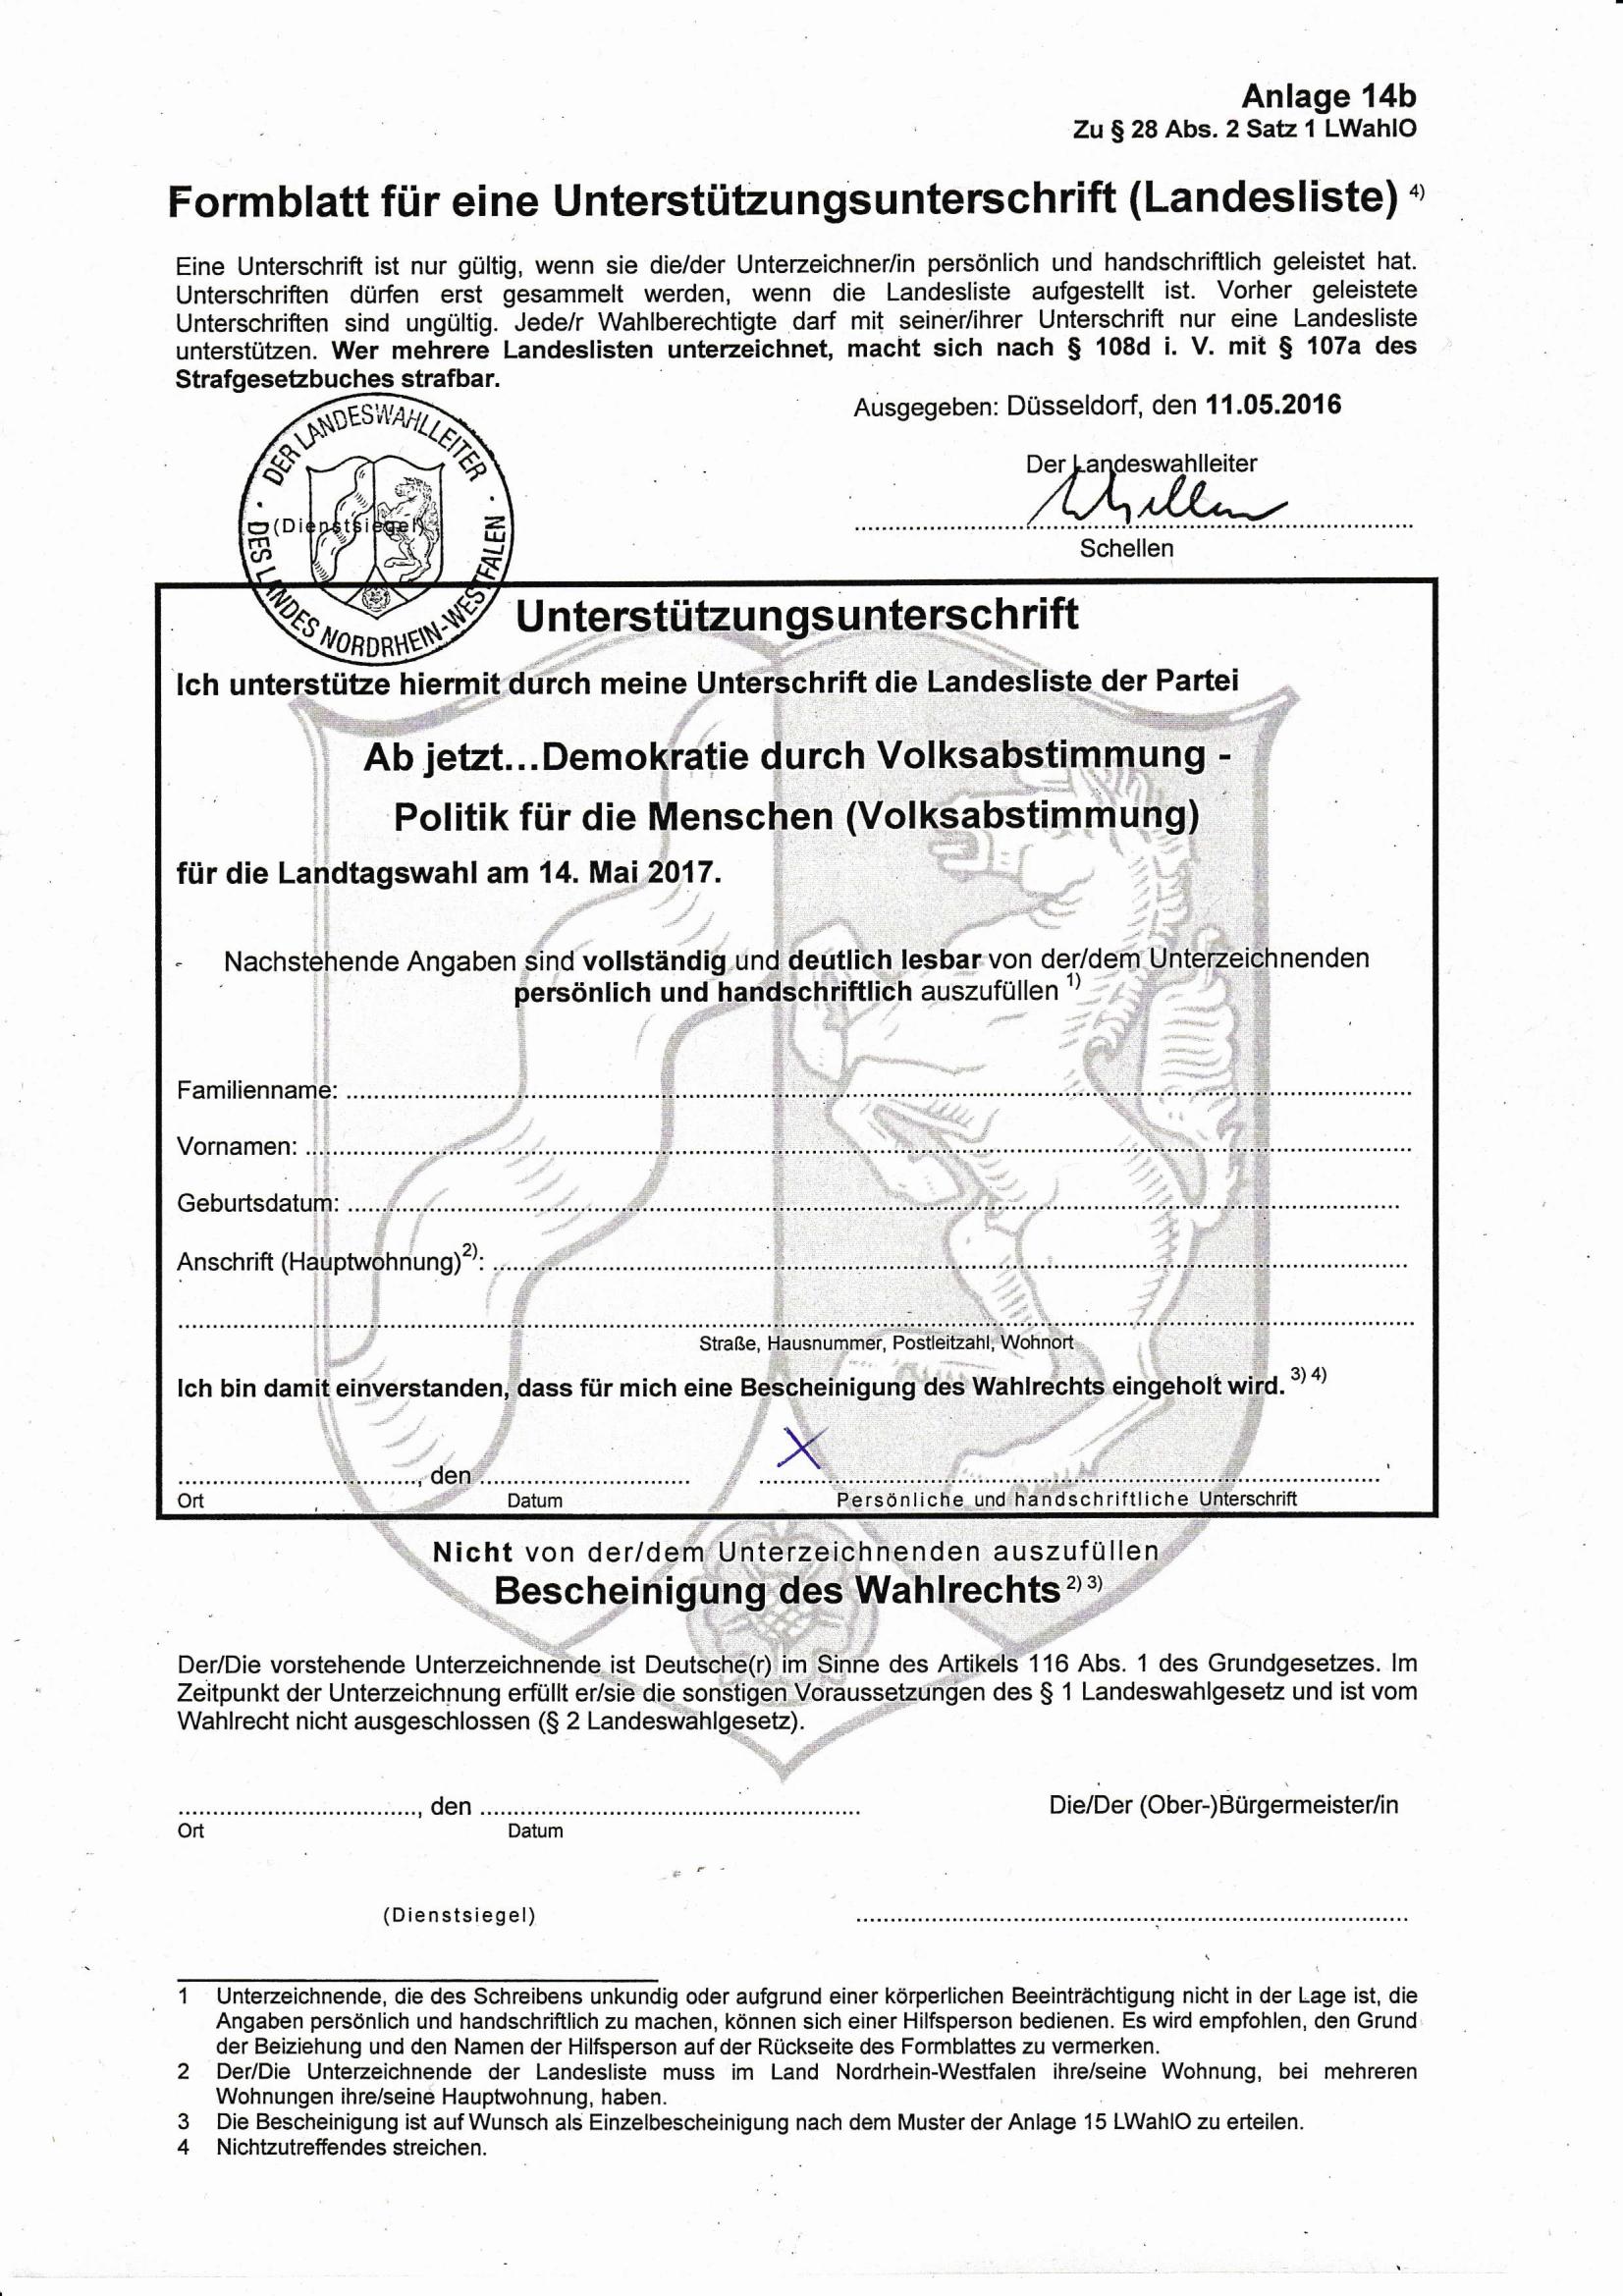 Formblatt zur Landtagswahl 2016